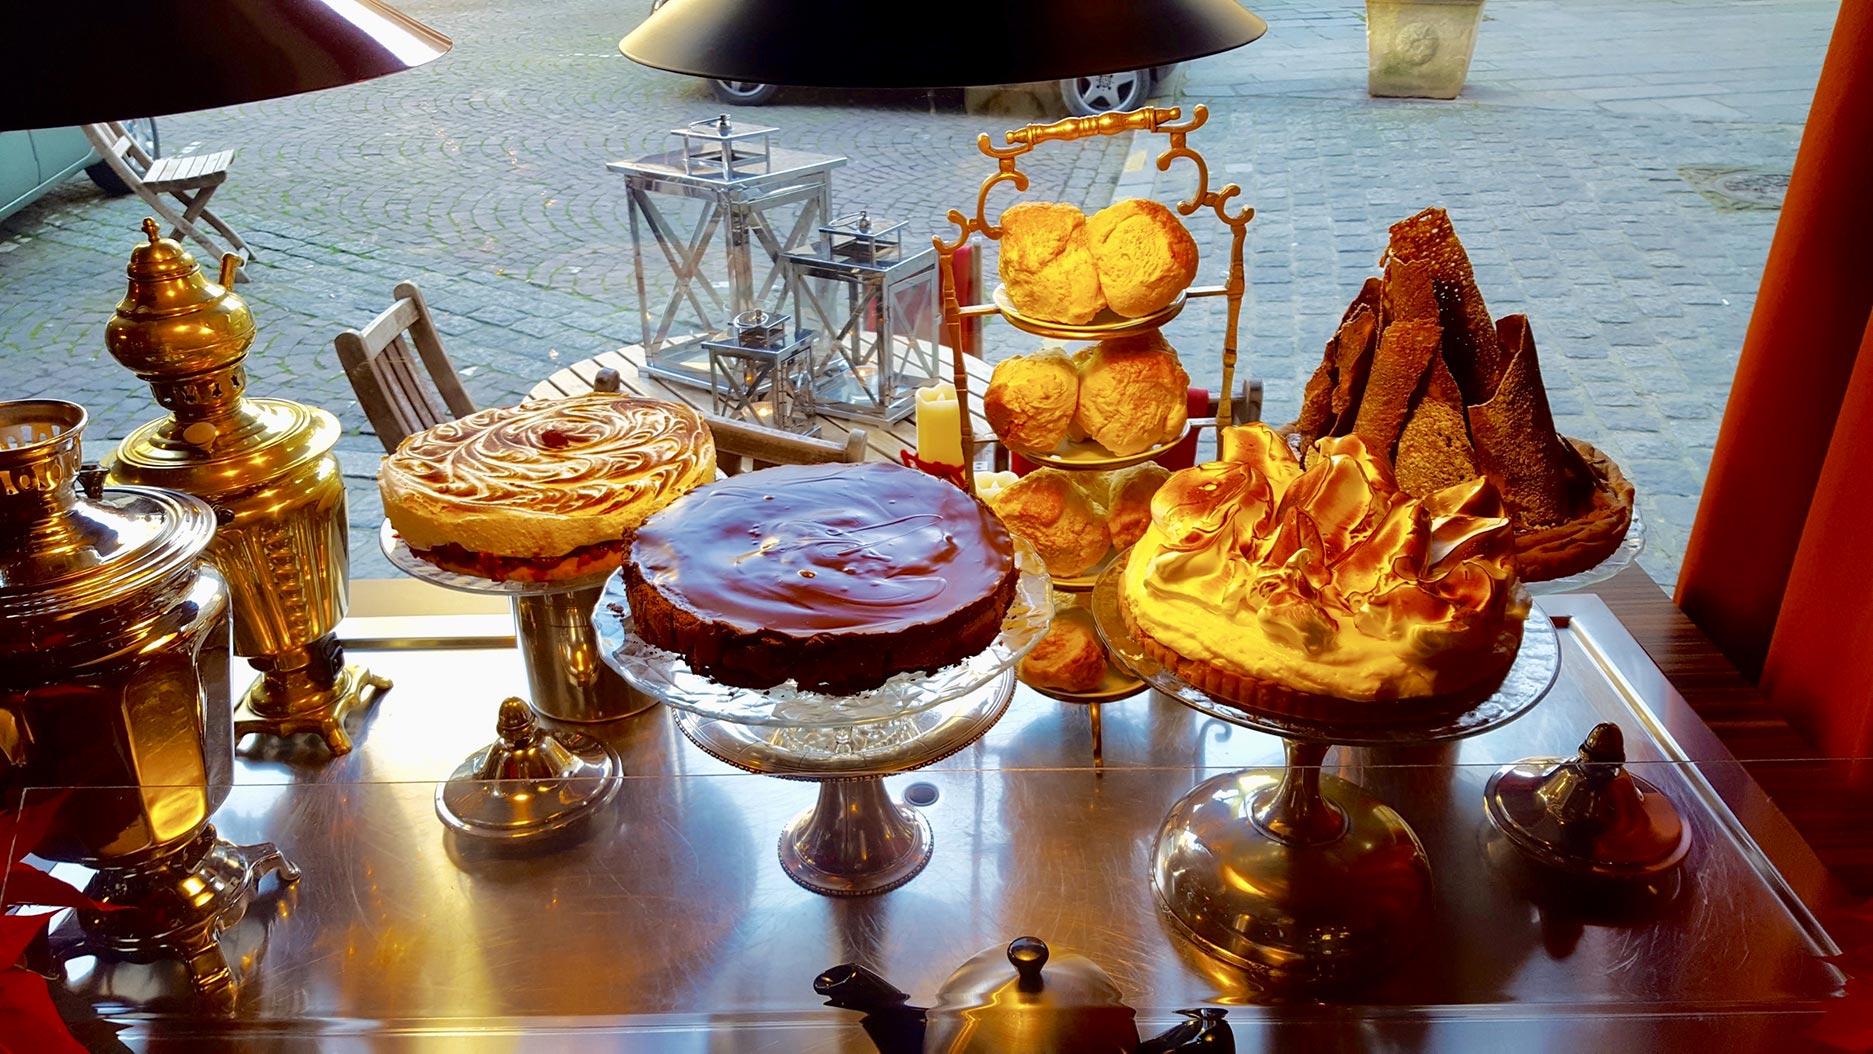 gâteaux à la bergamote à Saint-Malo